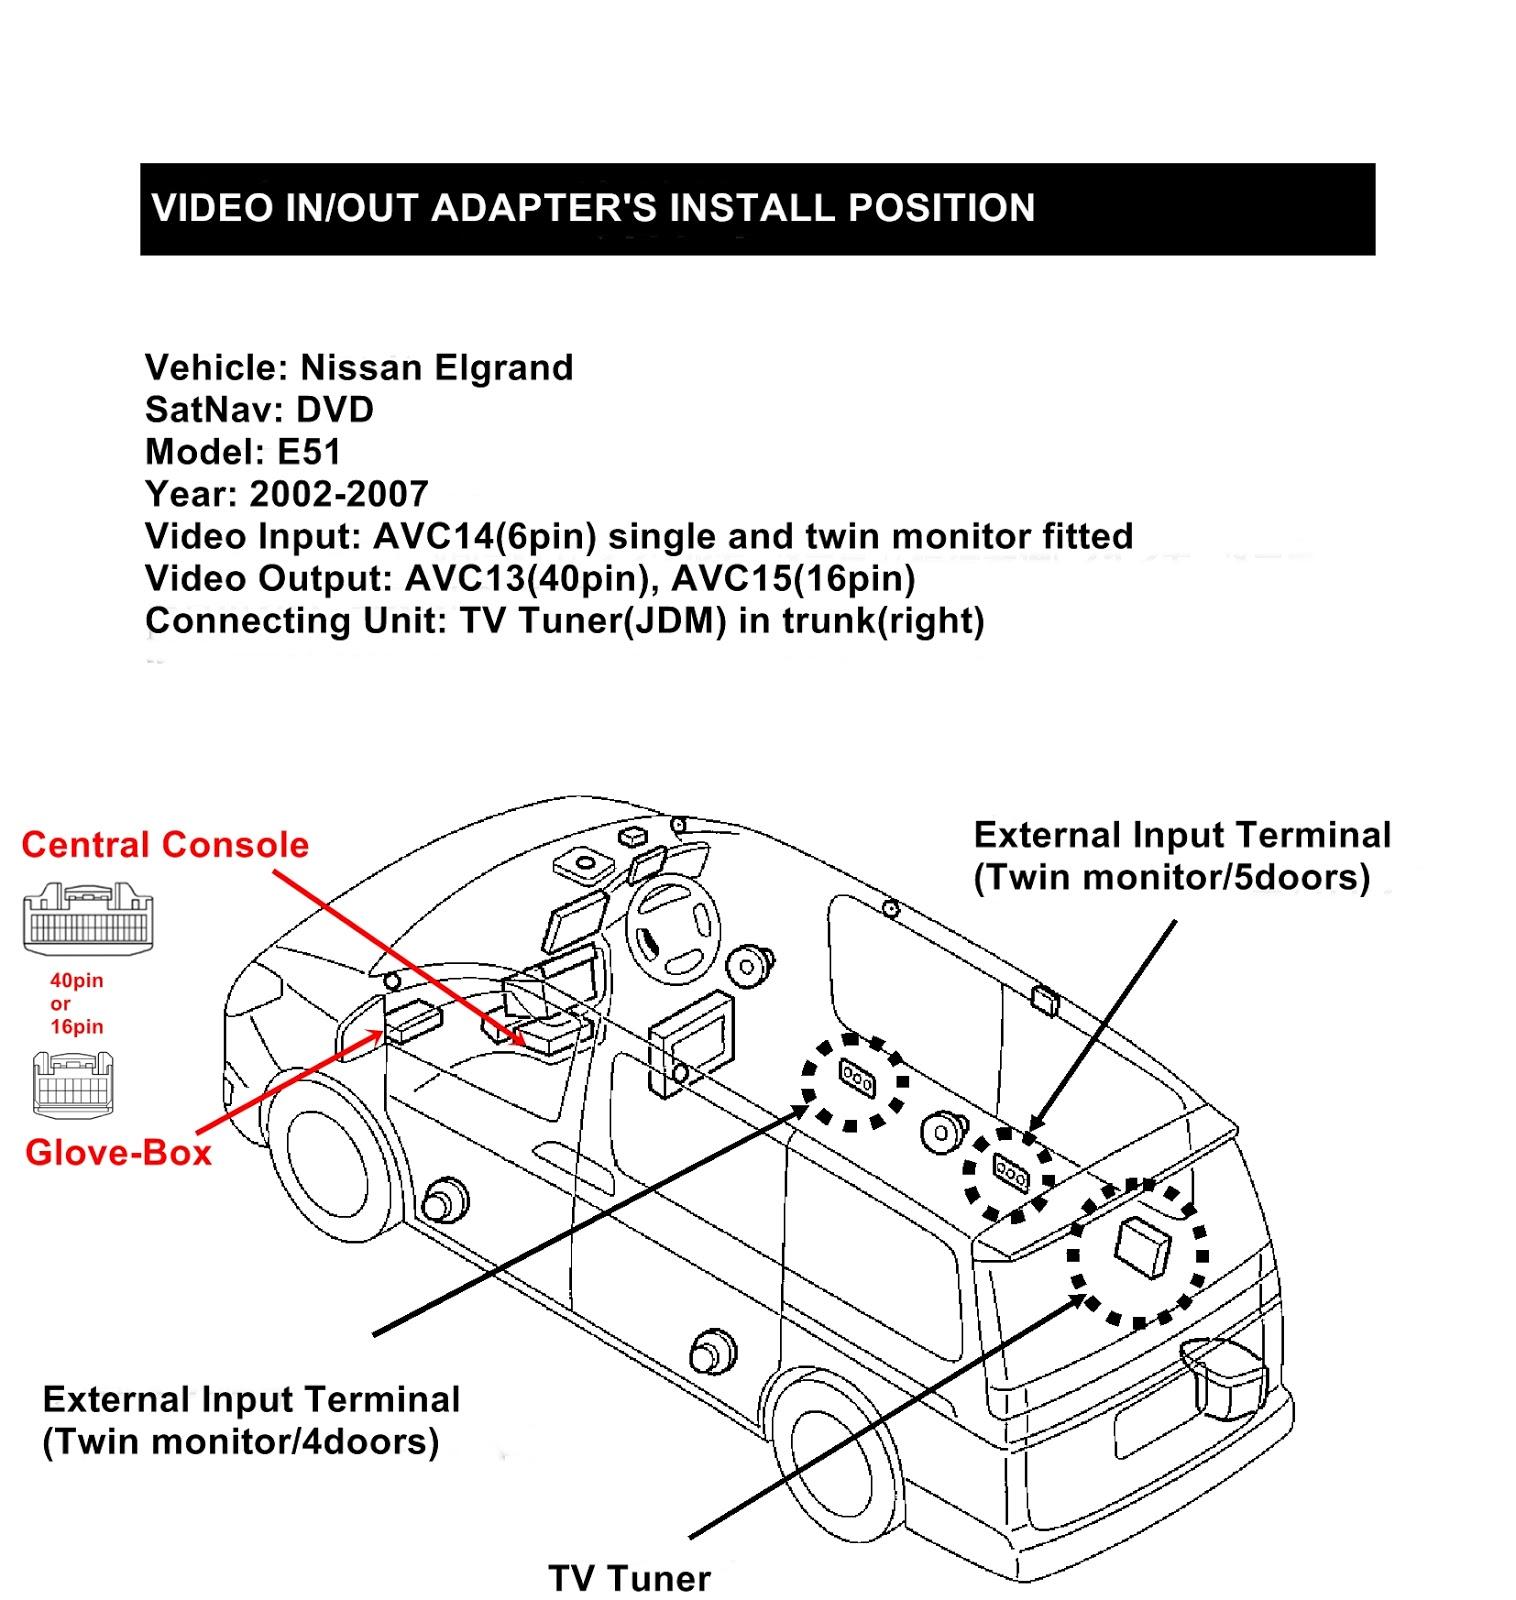 Wiring Diagram Nissan Elgrand : World beat sonic avc elgrand e av input